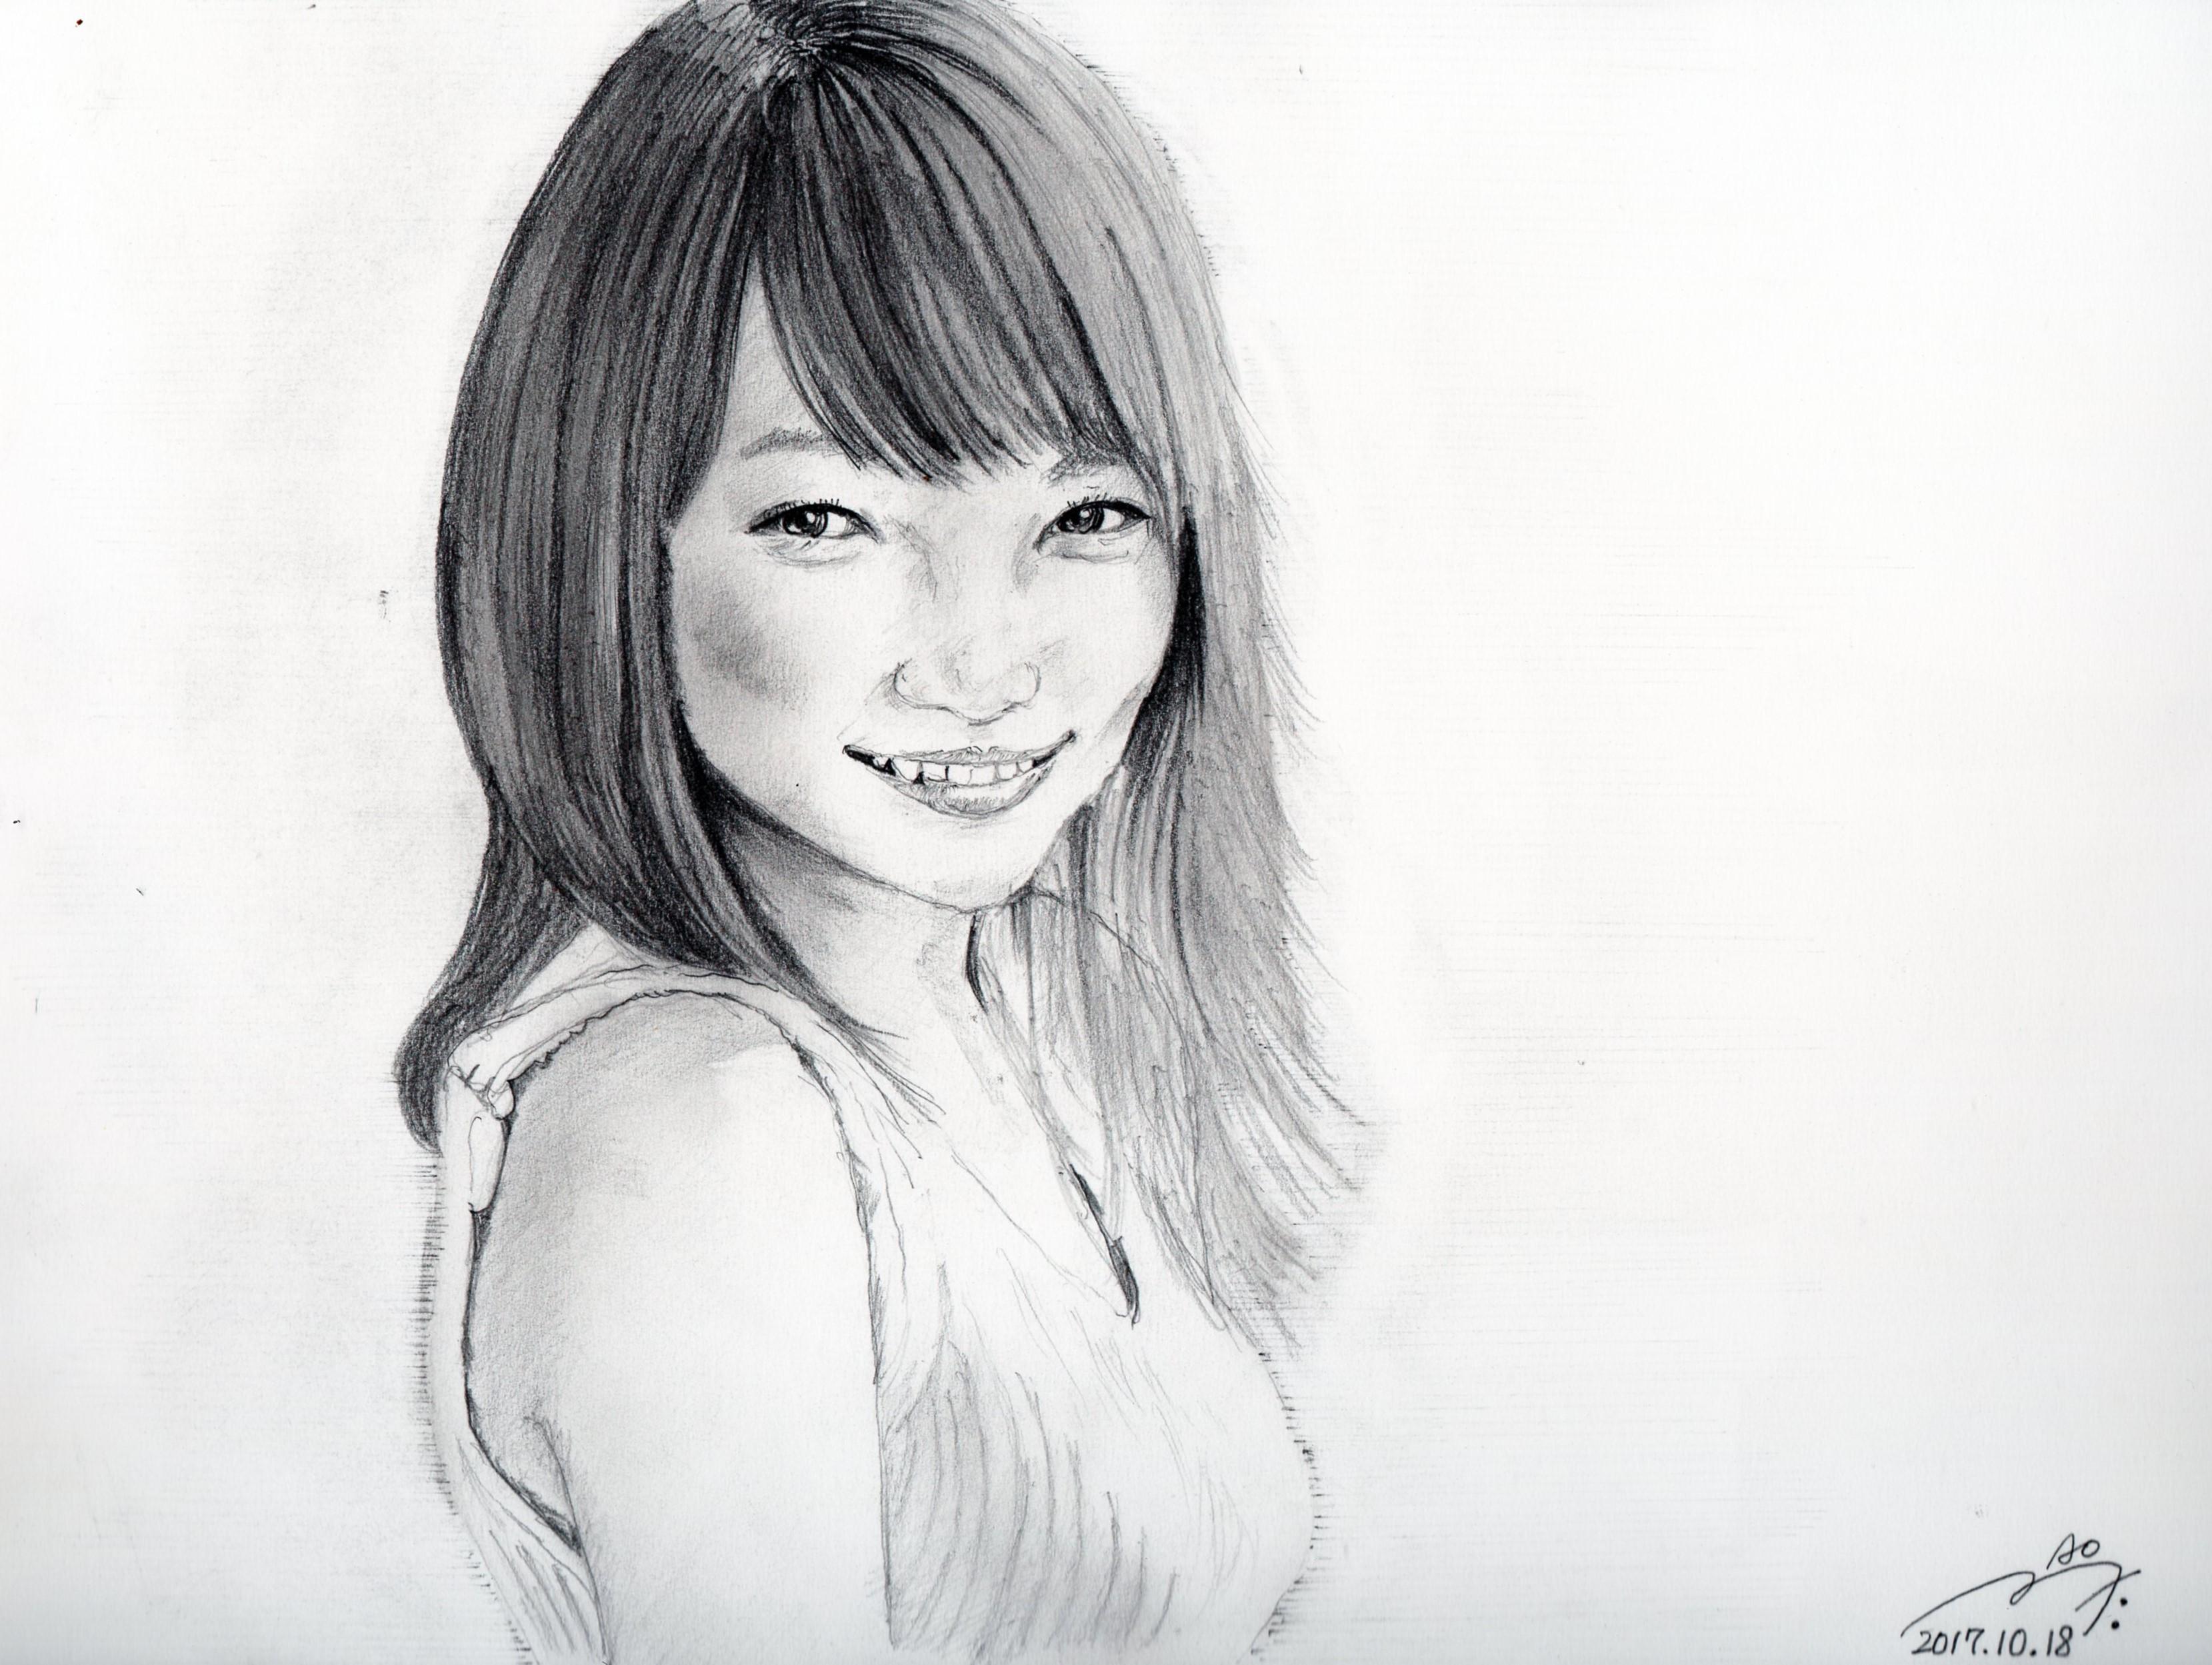 川栄李奈の鉛筆画似顔絵